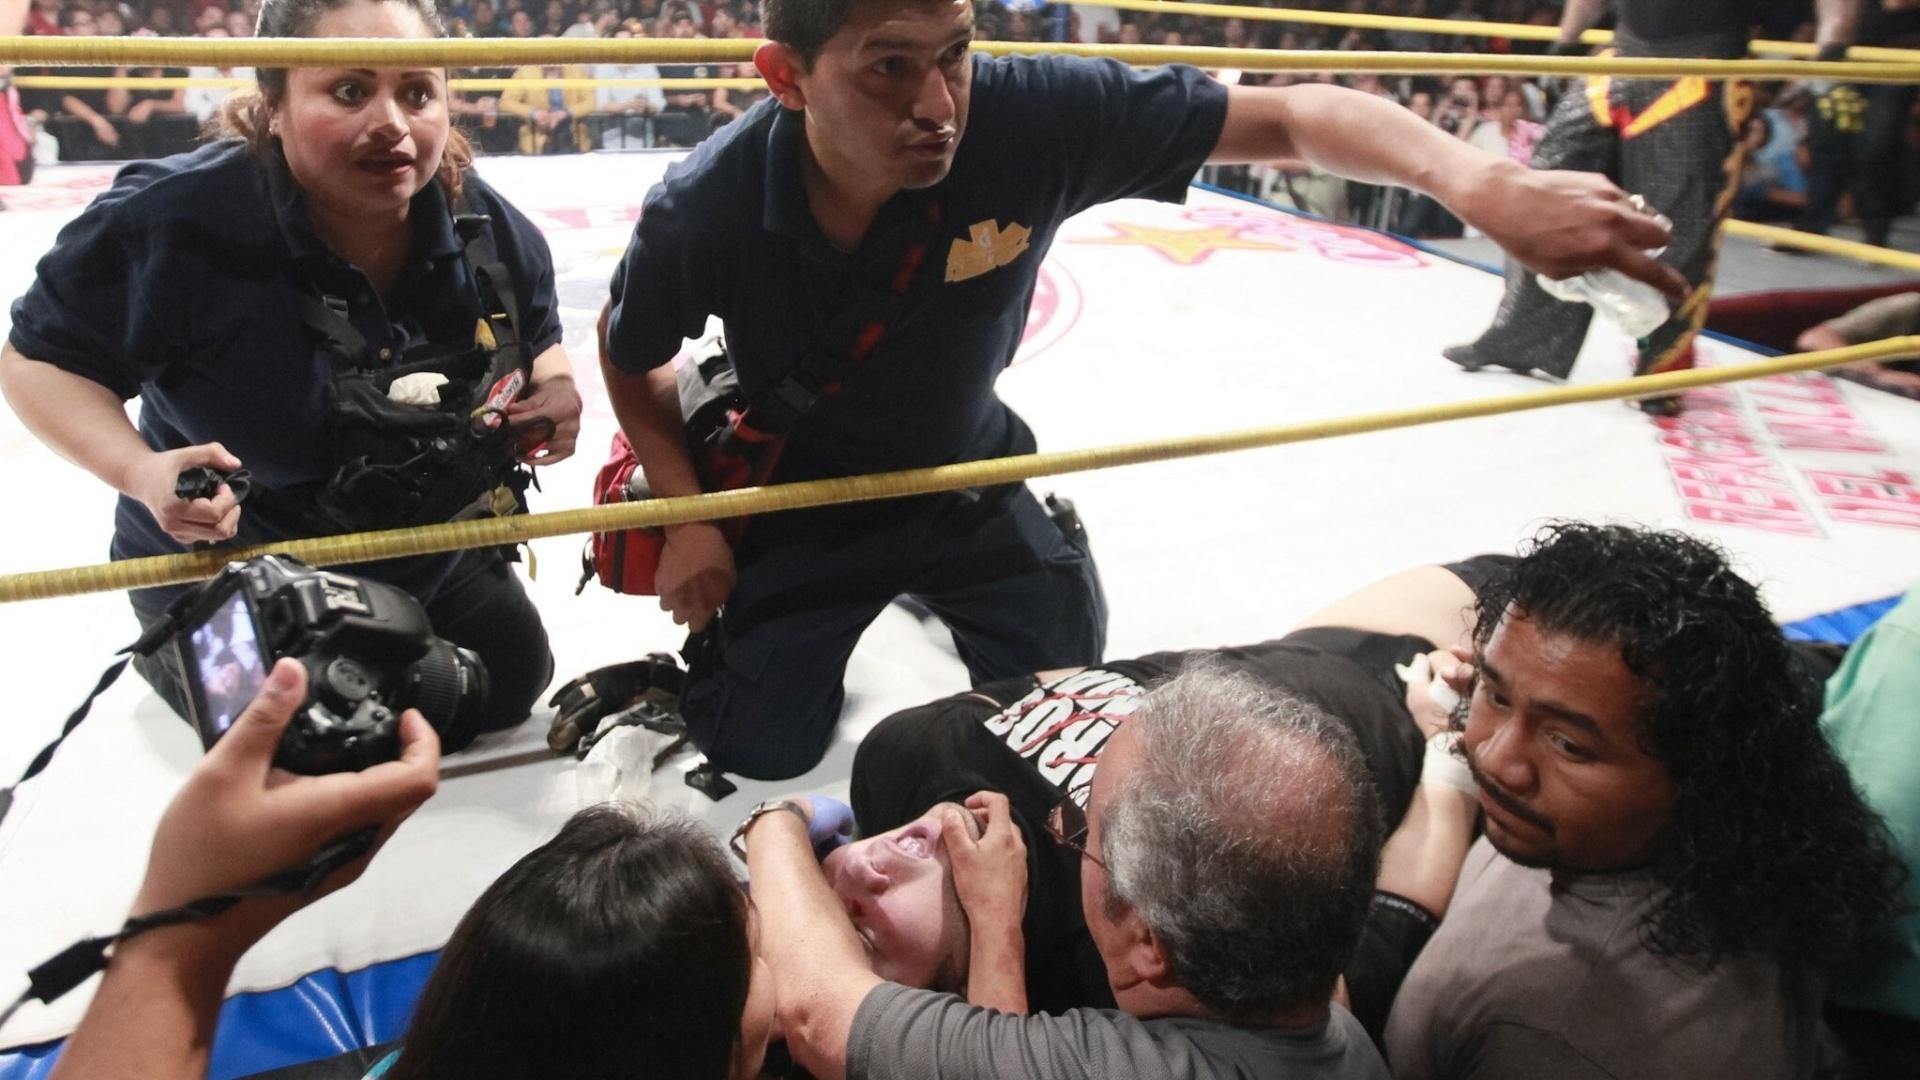 Médicos socorrem Pedro Aguayo Ramirez, atleta de luta livre que morreu durante um combate em Tijuana, no México